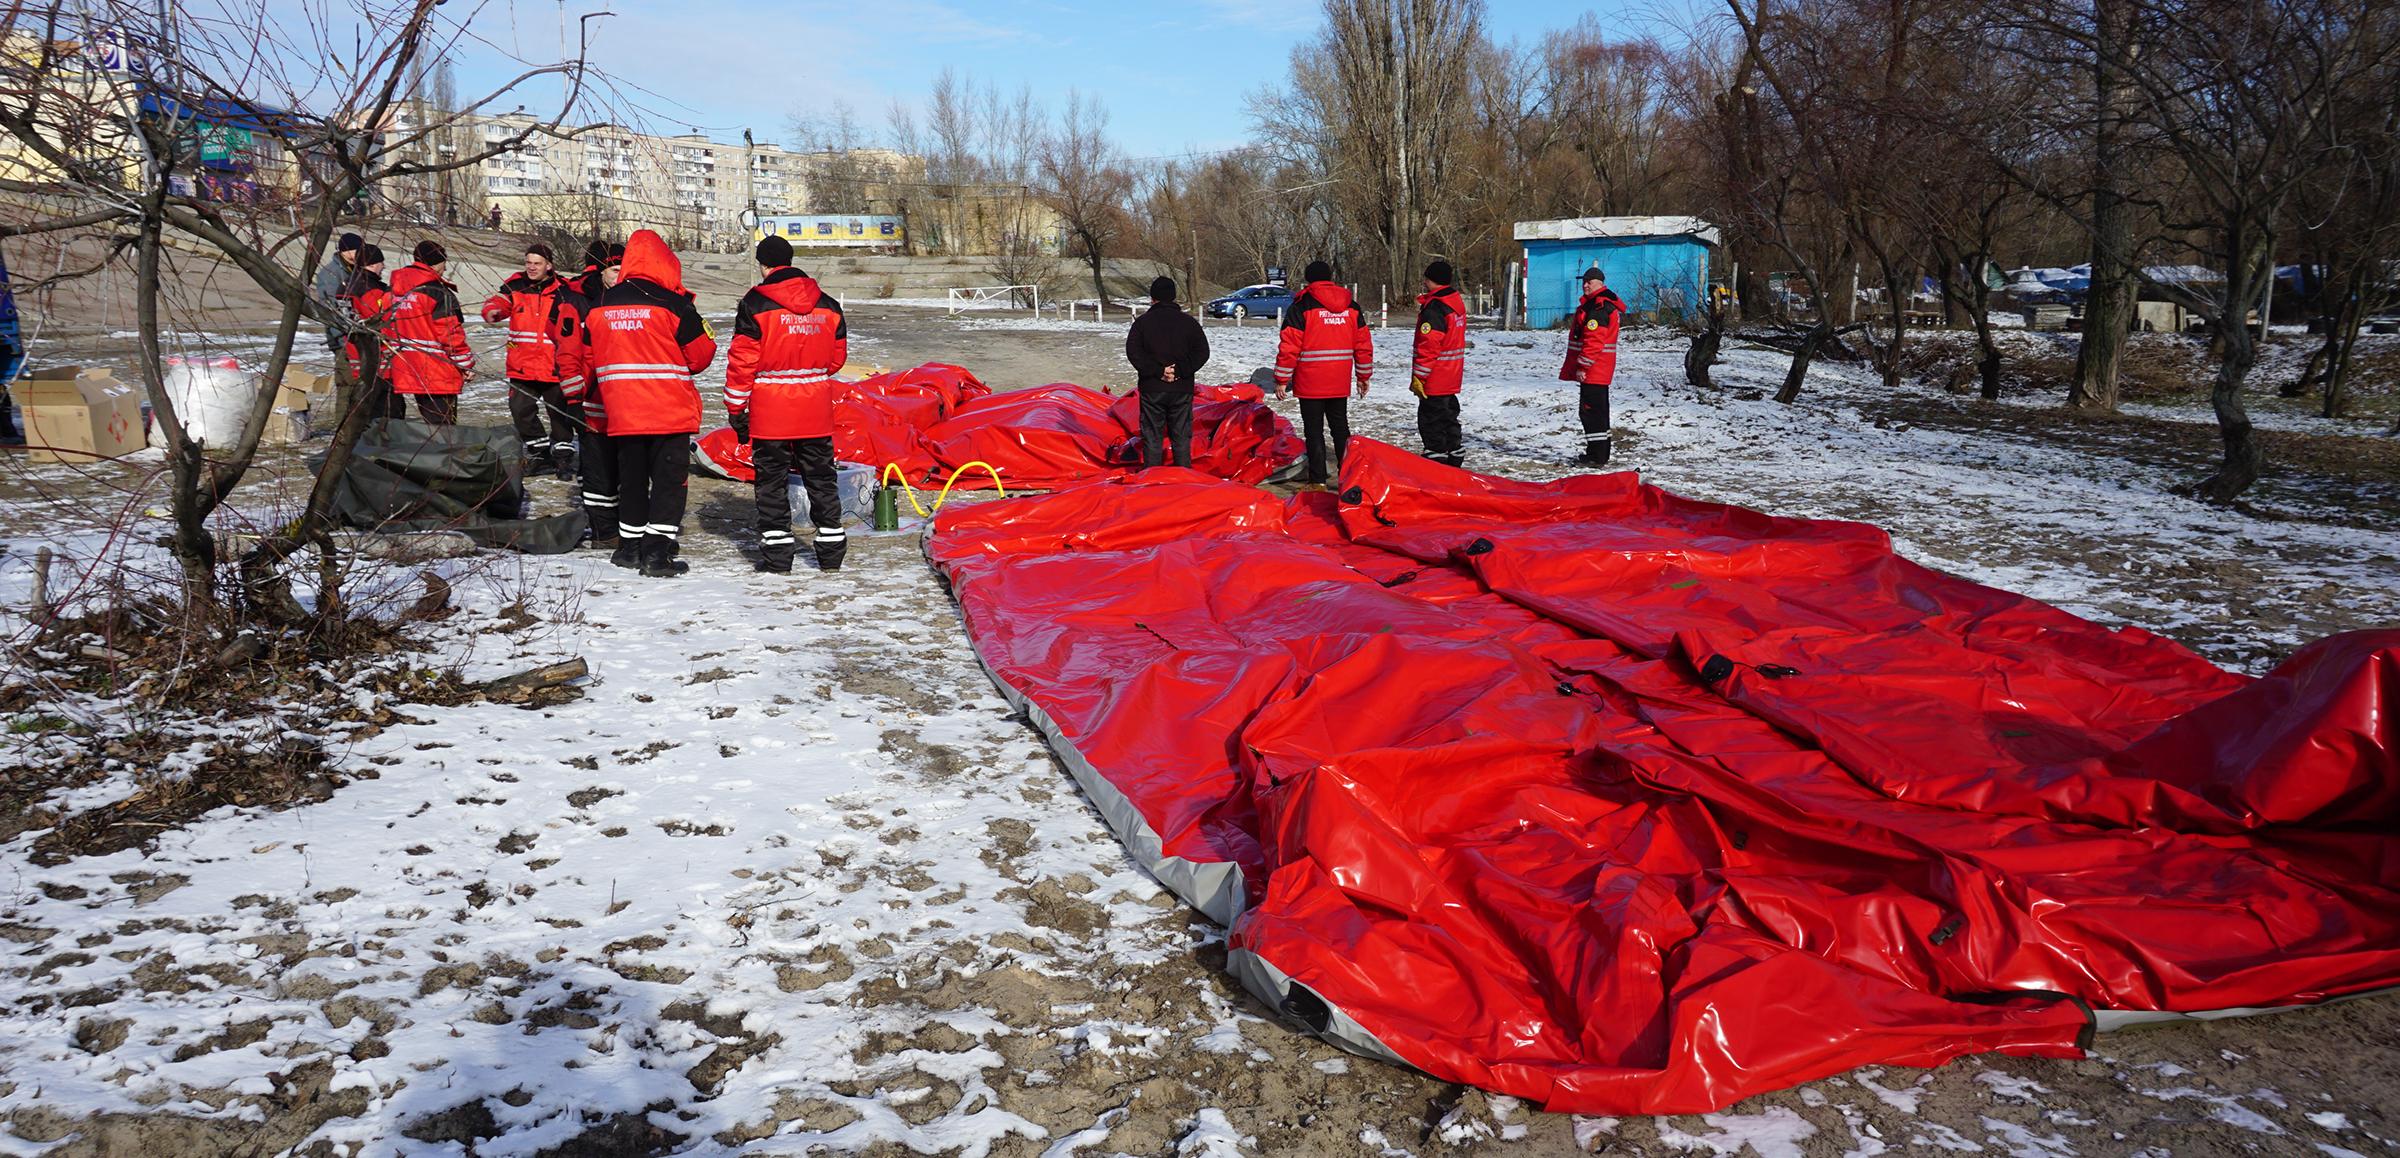 Процесс разворачивания надувной палатки для спасателей КМДА